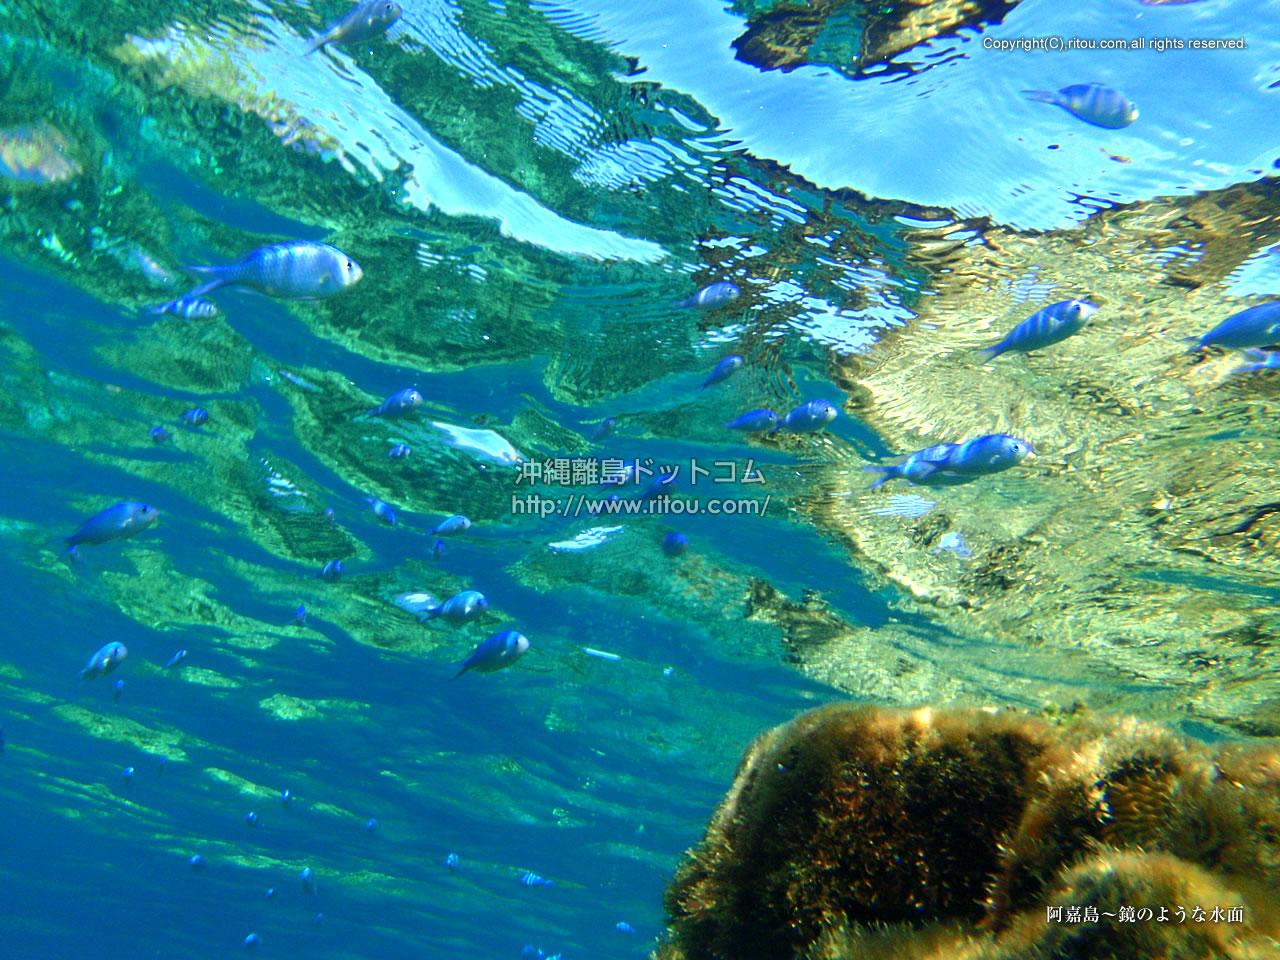 阿嘉島〜鏡のような水面